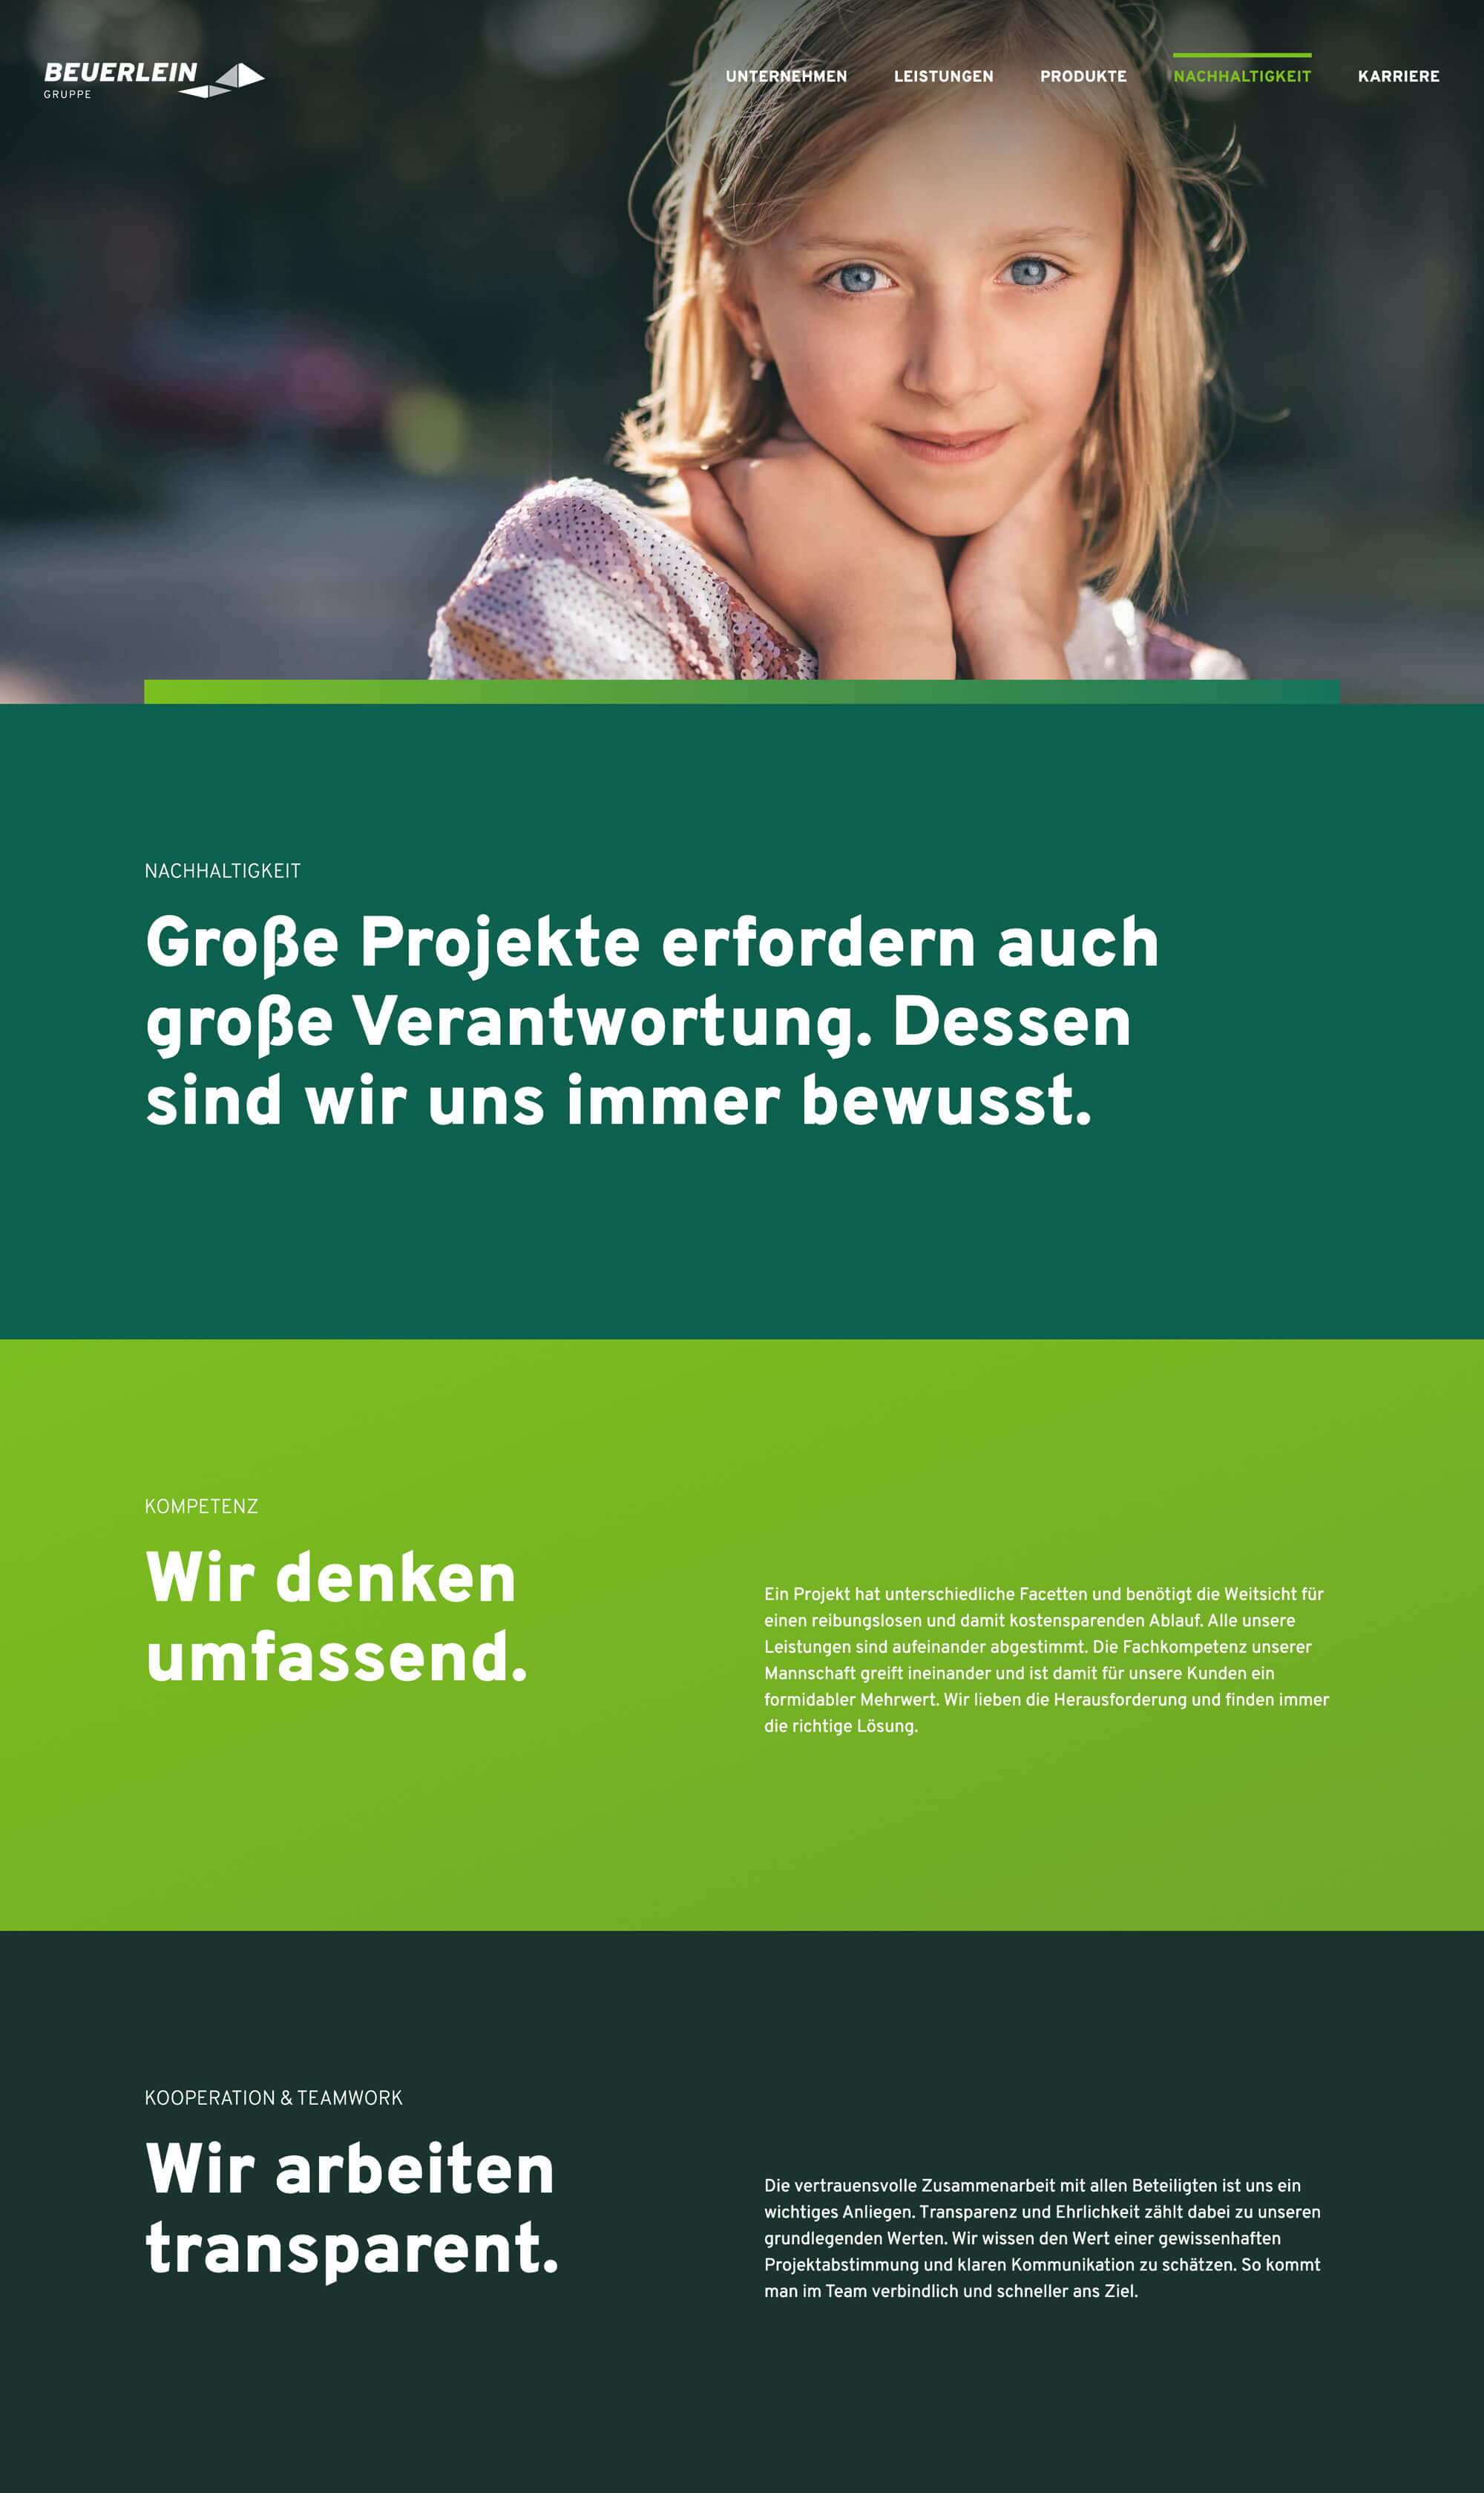 beuerlein_nachhaltigkeit